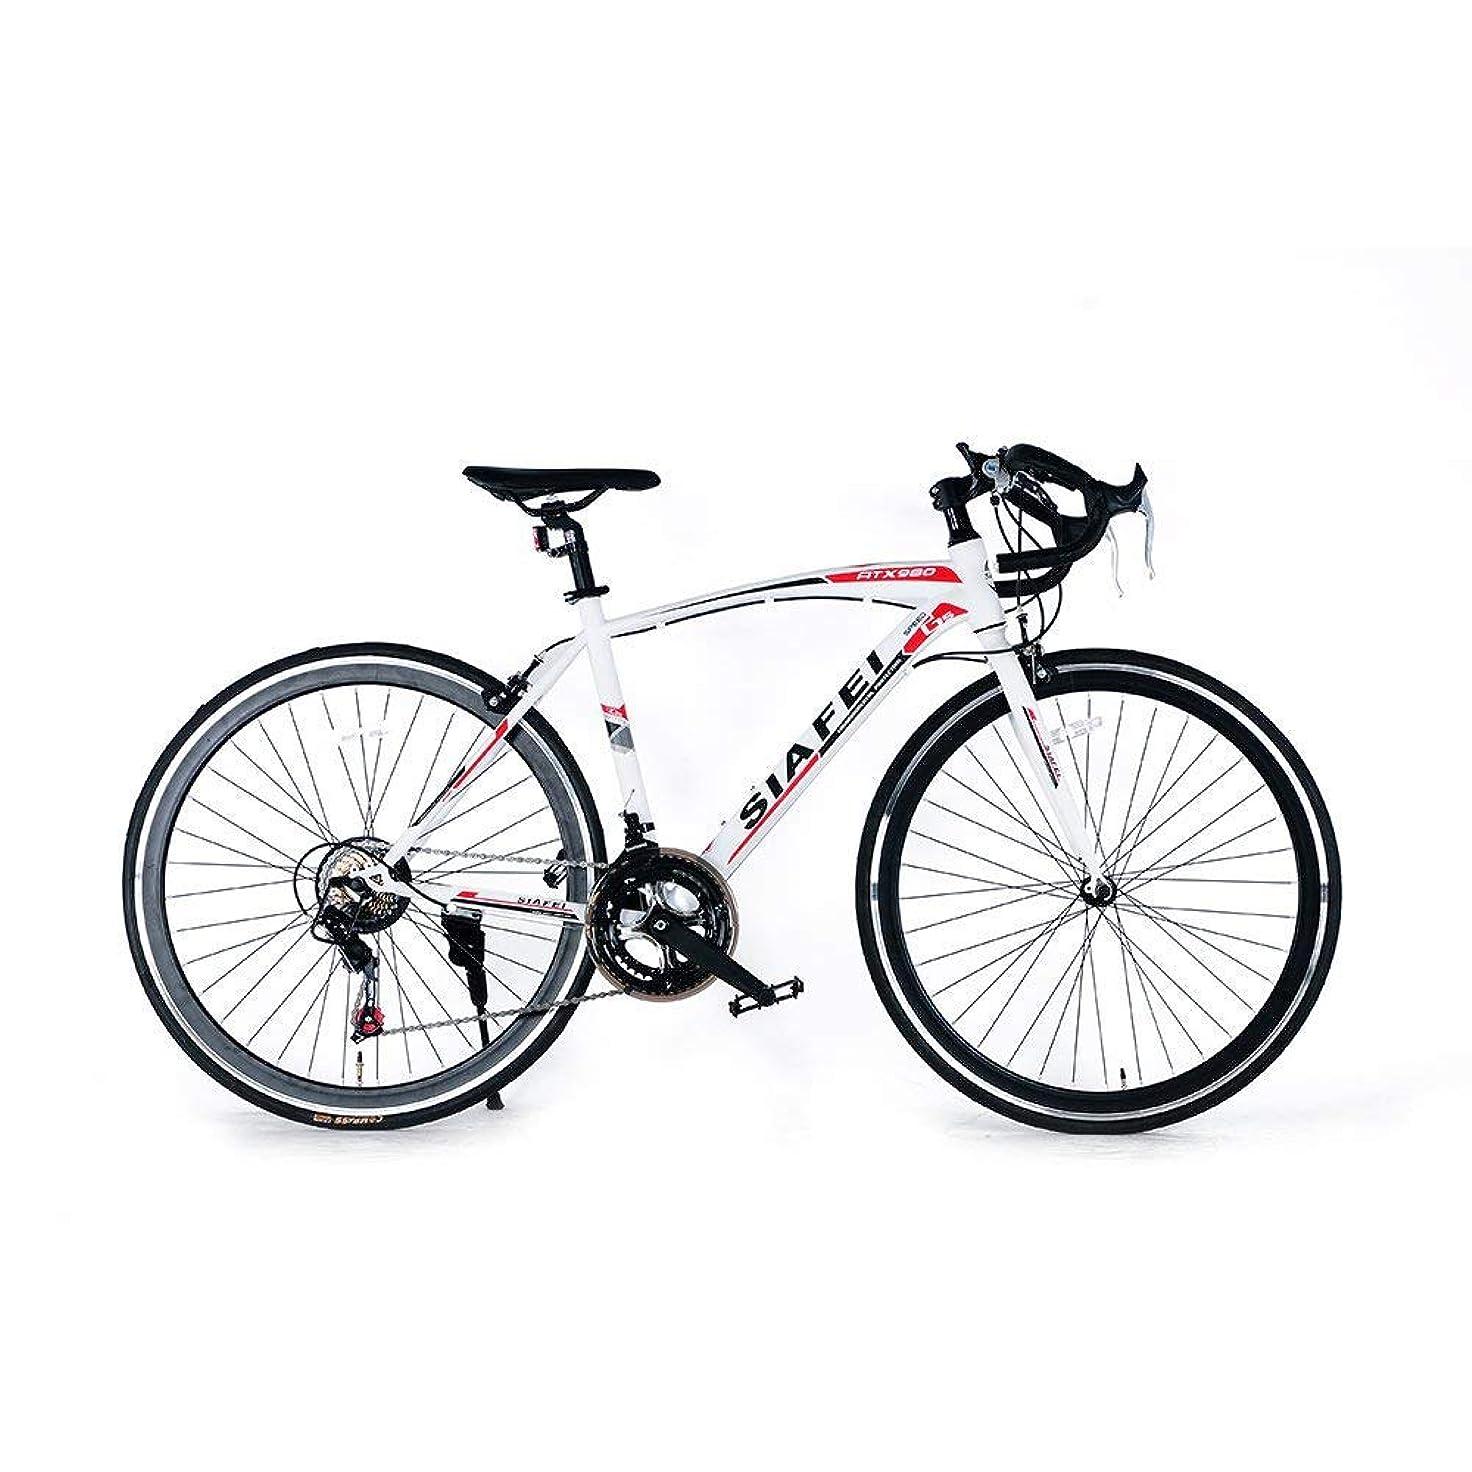 拷問創始者アルプスLUCK store ロードバイク スポーツバイク 700C シマノ14段変速 2WAYブレーキシステム搭載 ドロップハンドル 超軽量高炭素鋼フレーム ライトのプレゼント付き 自転車 PL保険加入 01